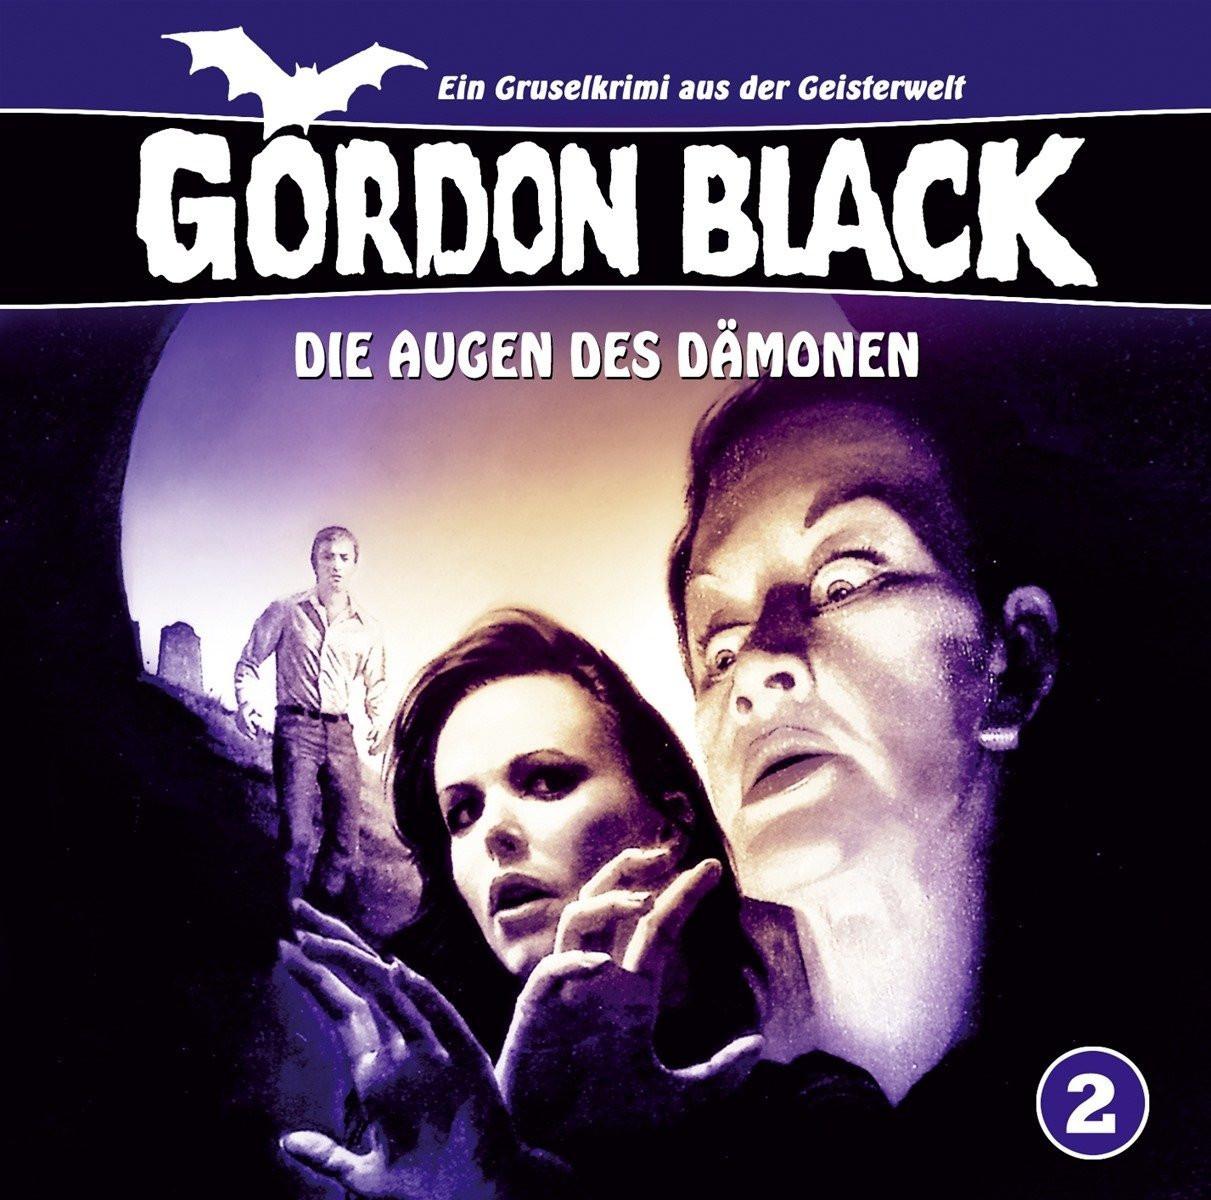 Gordon Black - Folge 2: Die Augen des Dämonen